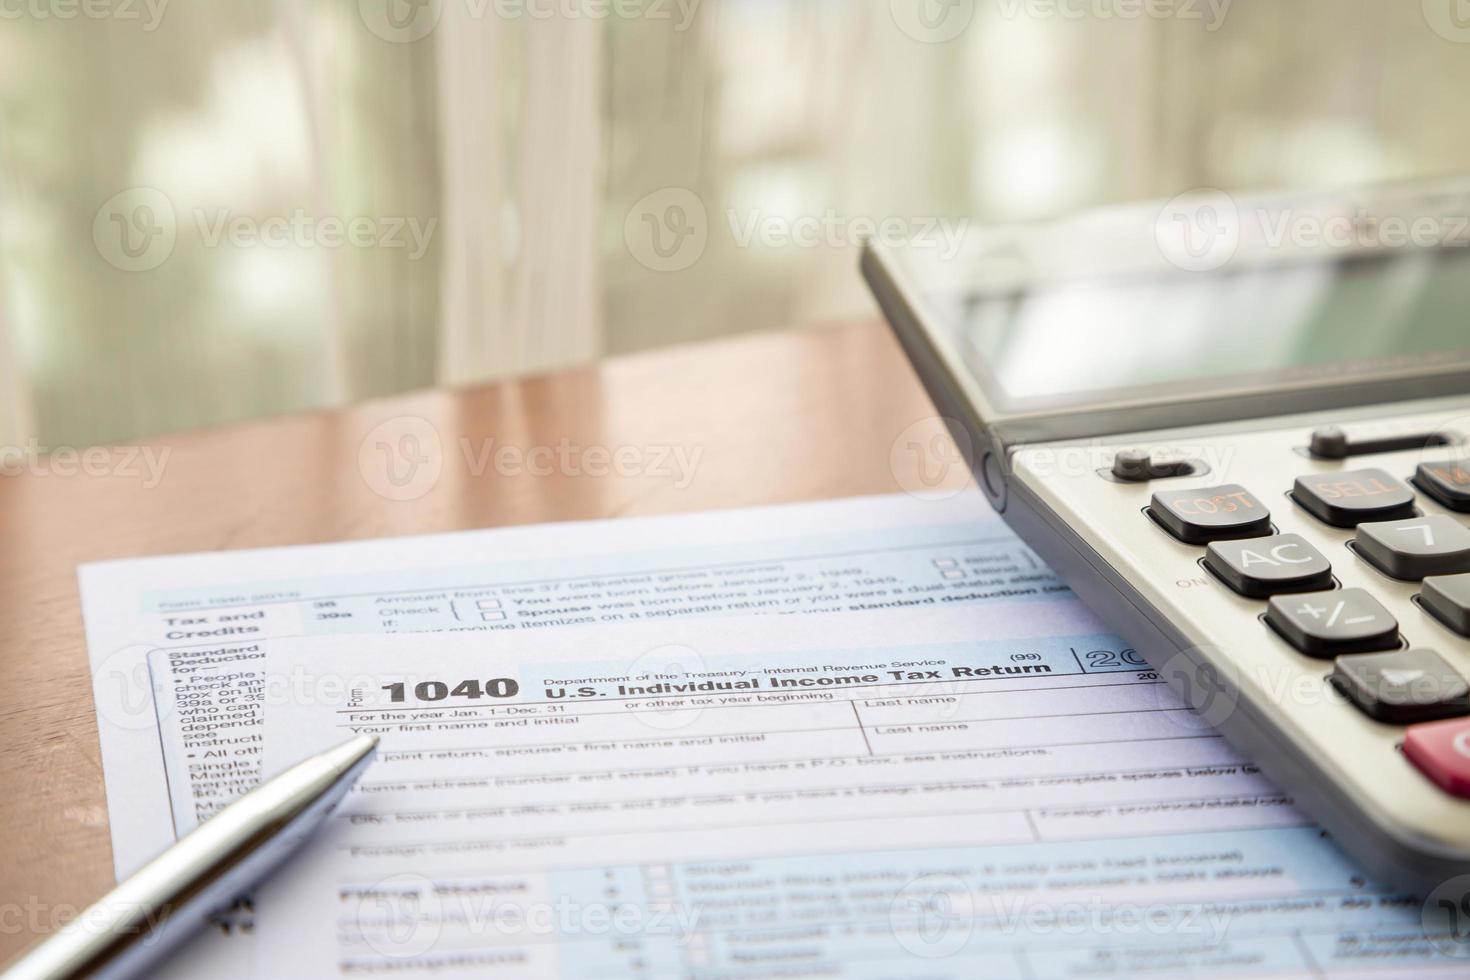 vormen 1040, ons individuele aangifte inkomstenbelasting foto